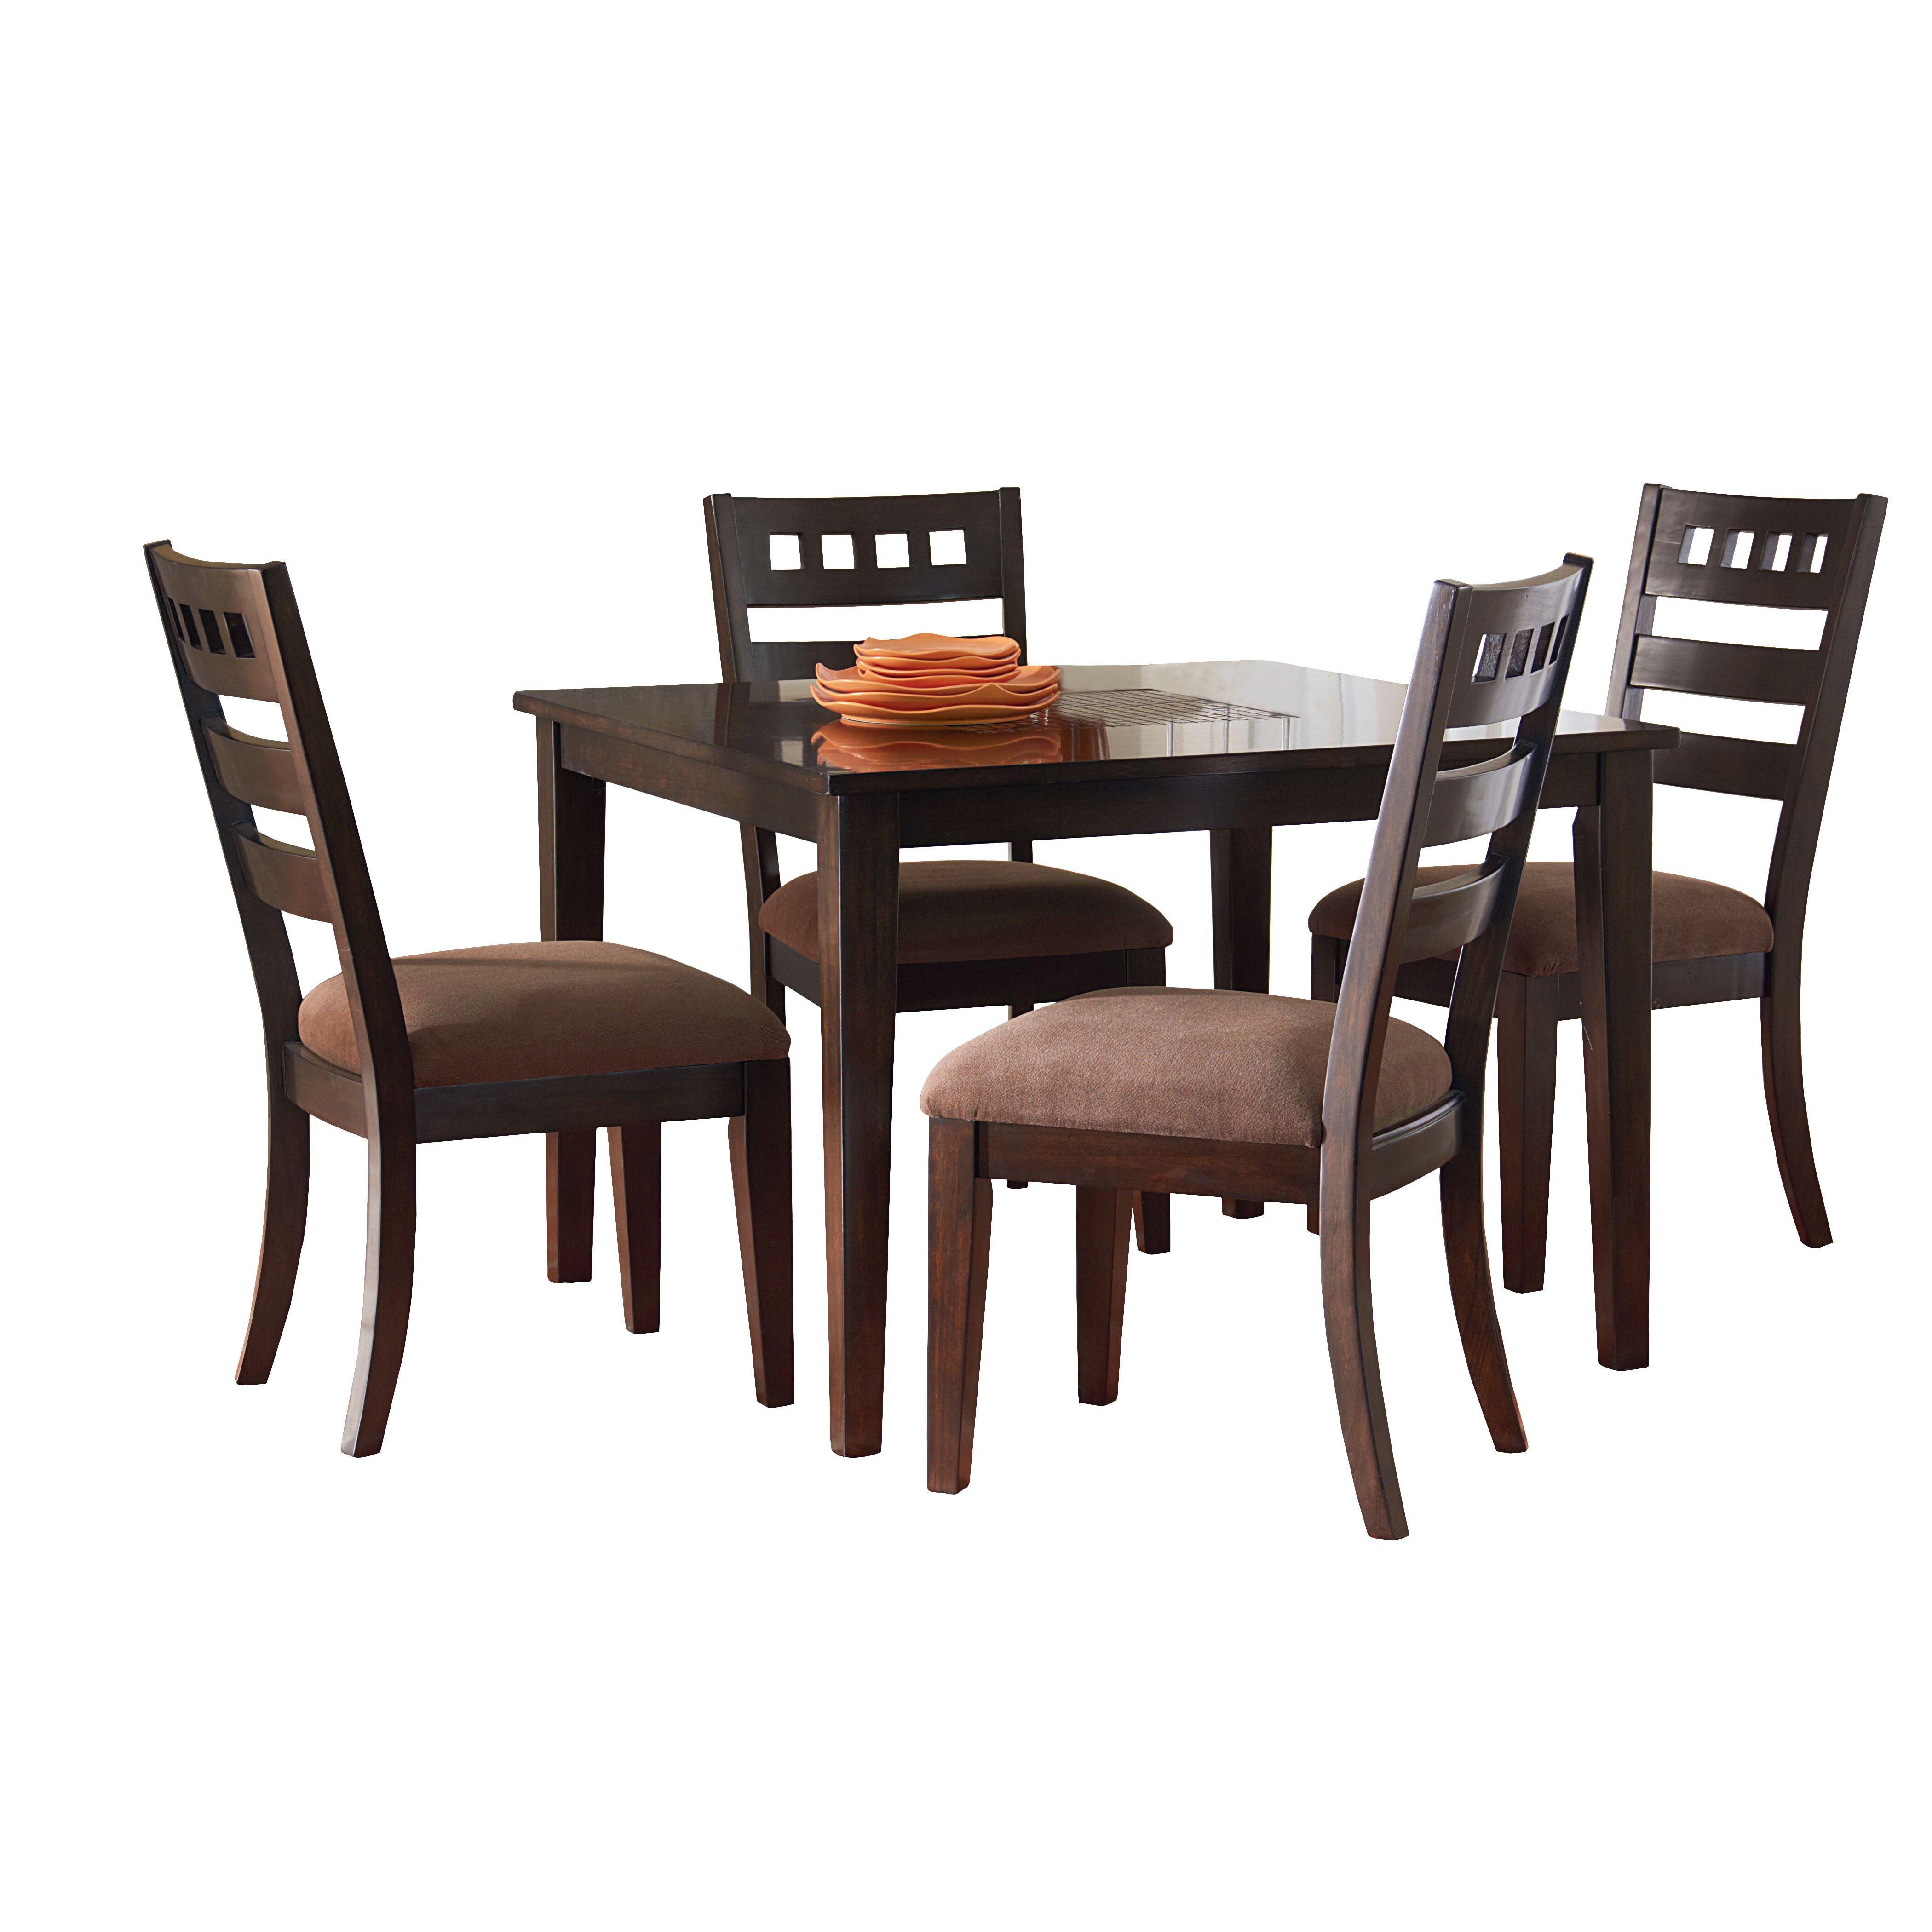 Standard Furniture Dining Room Sets: Standard Furniture Sparkle 5 Piece Dining Set & Reviews